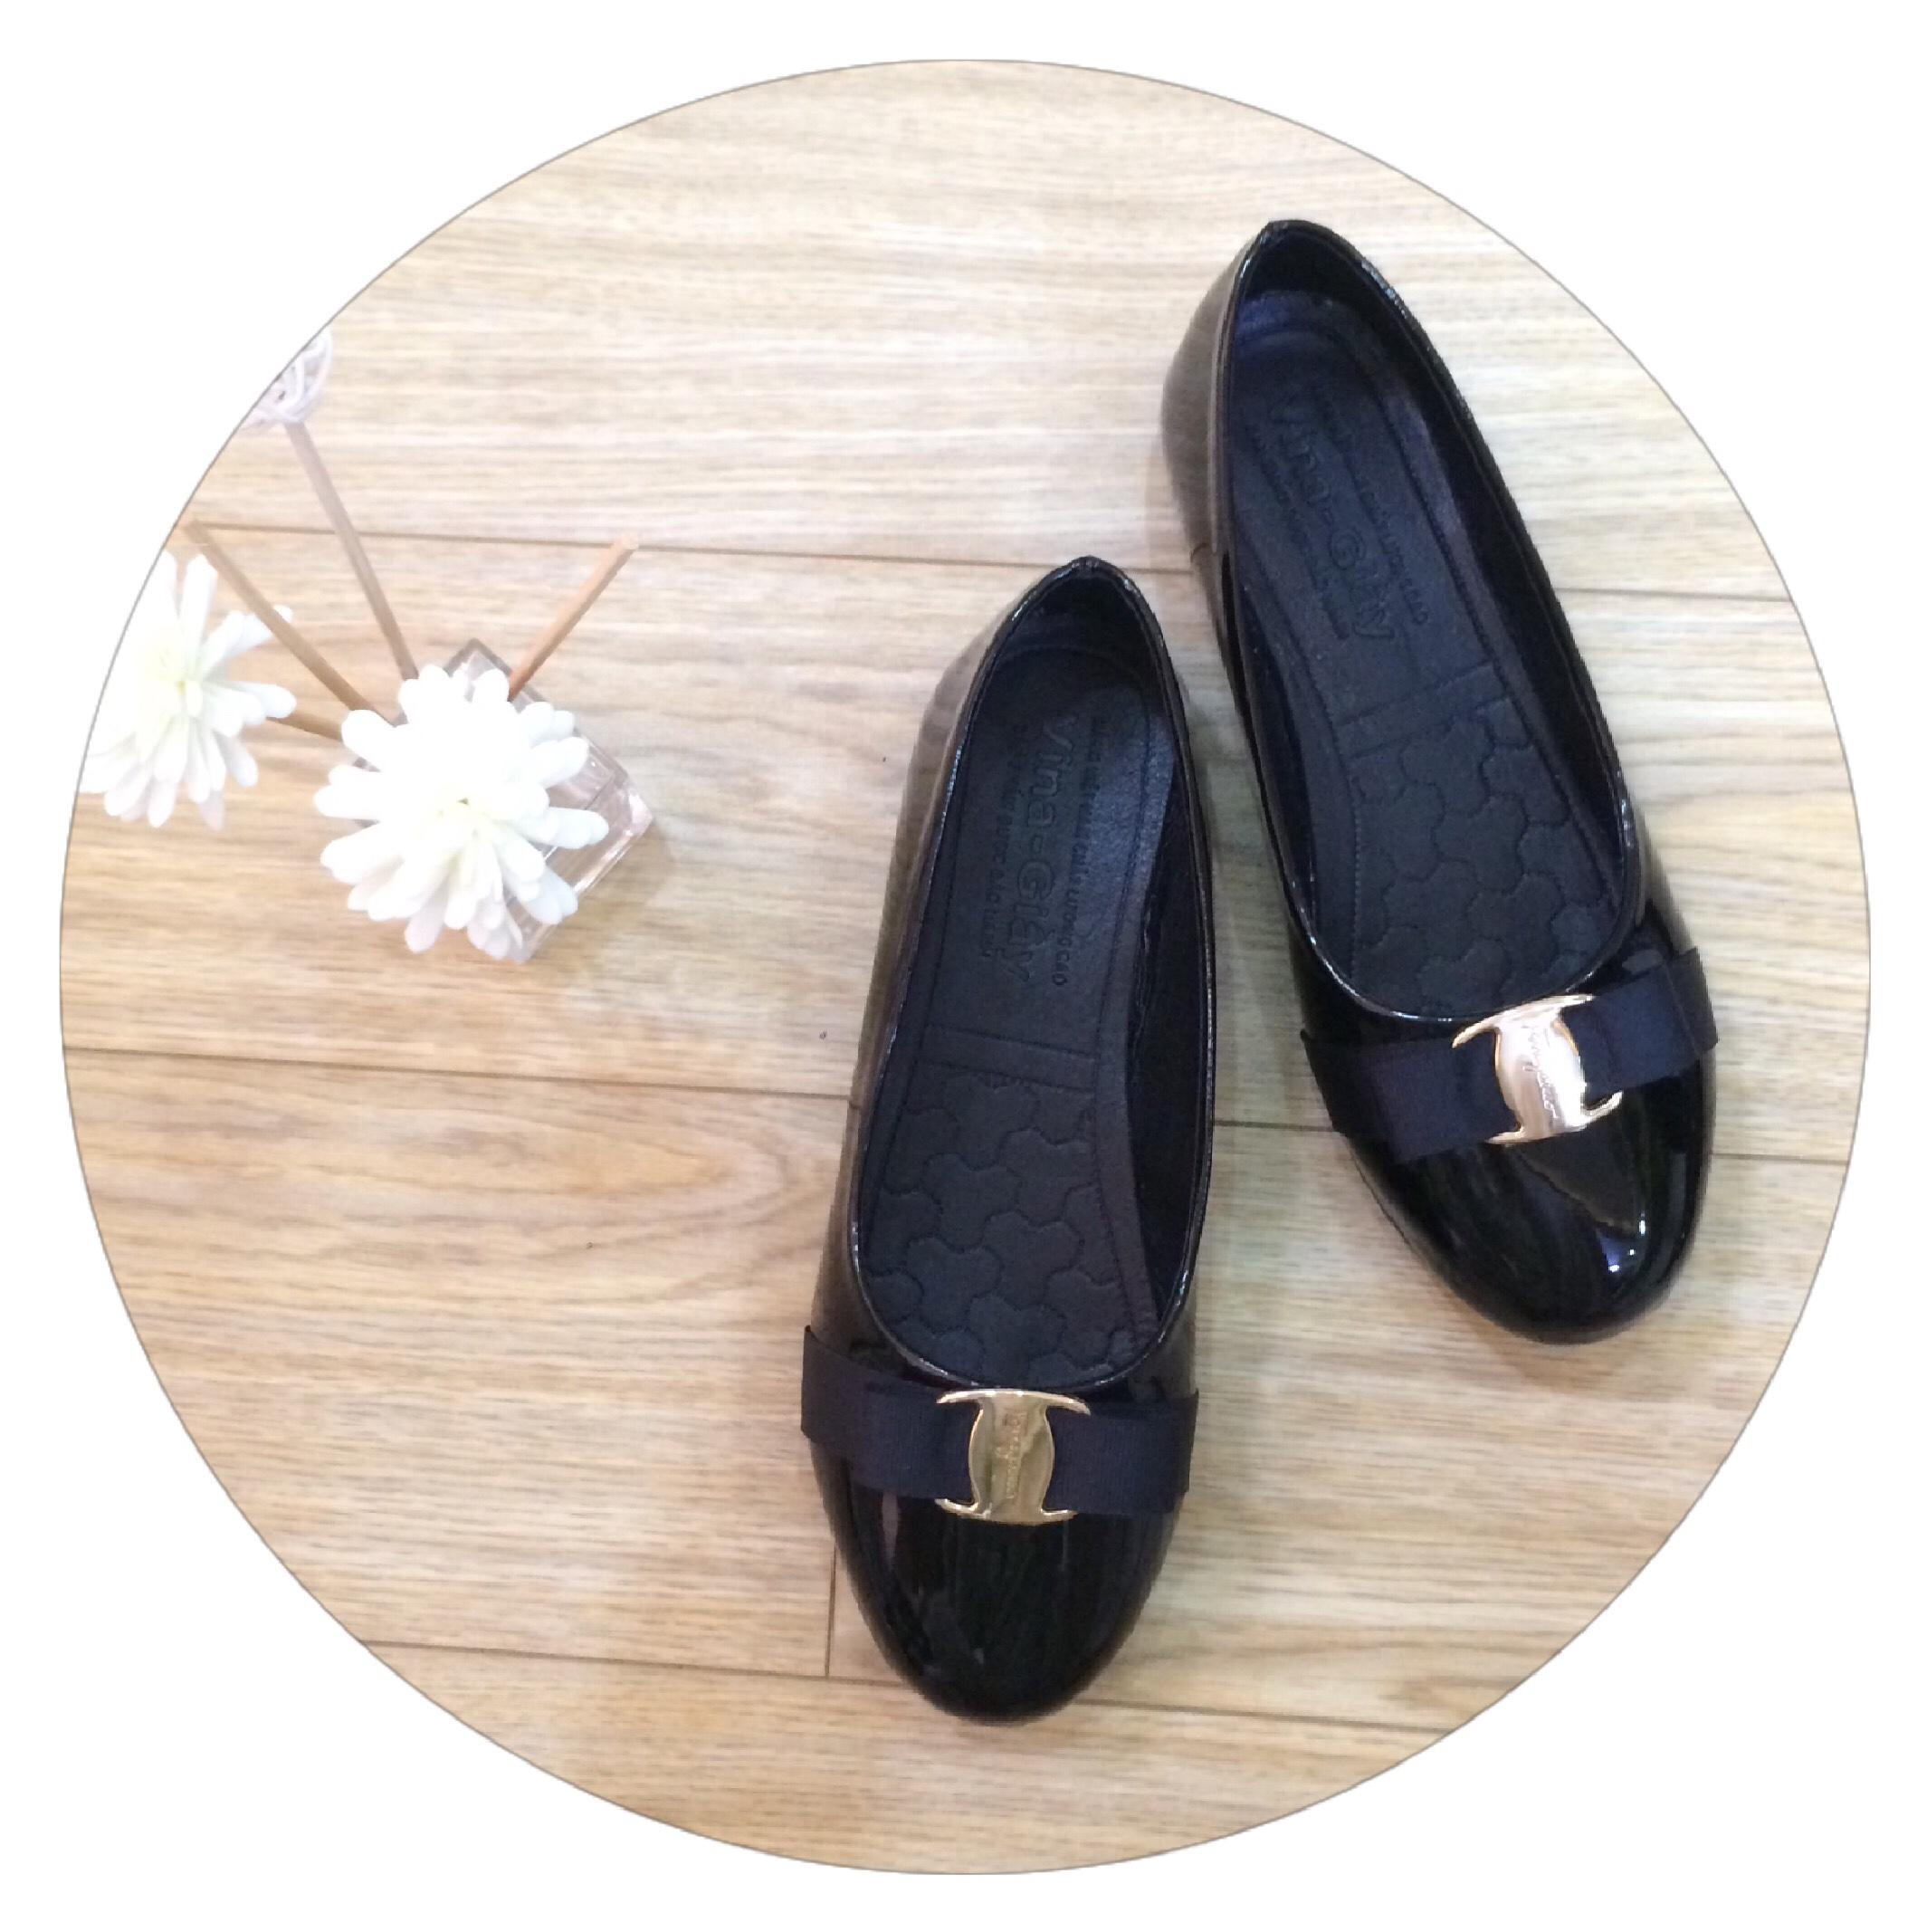 Giày búp bê nữ đế bằng đính nơ xinh xắn hàng  siêu bền-M15